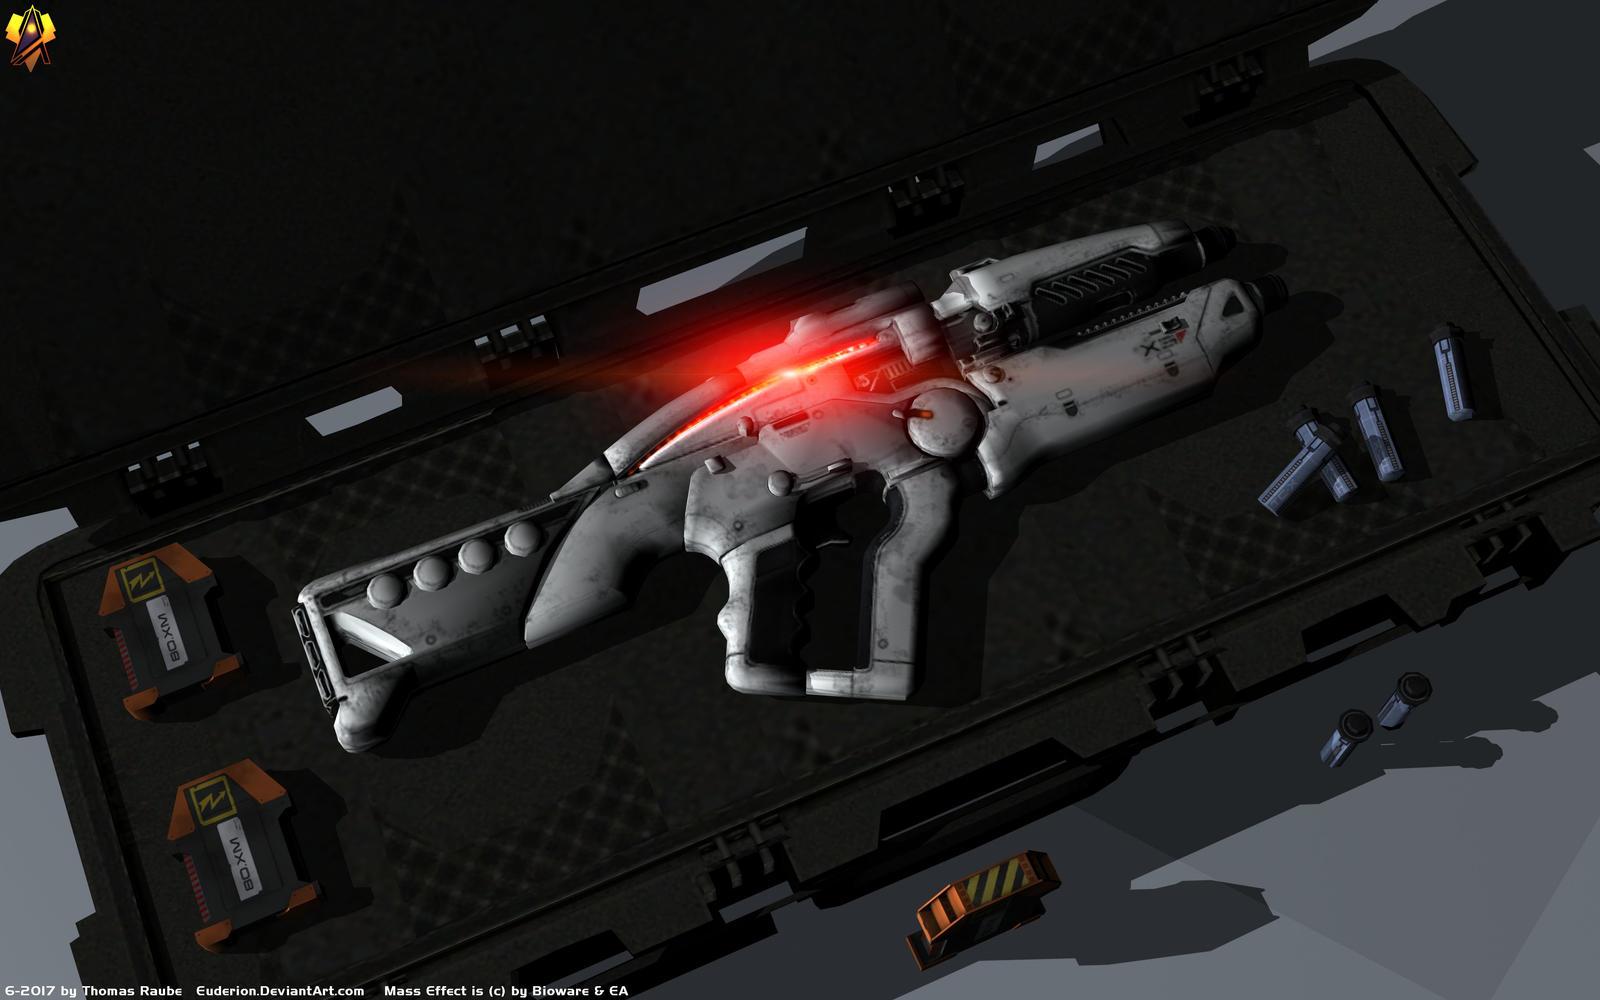 x5 ghost assault rifle